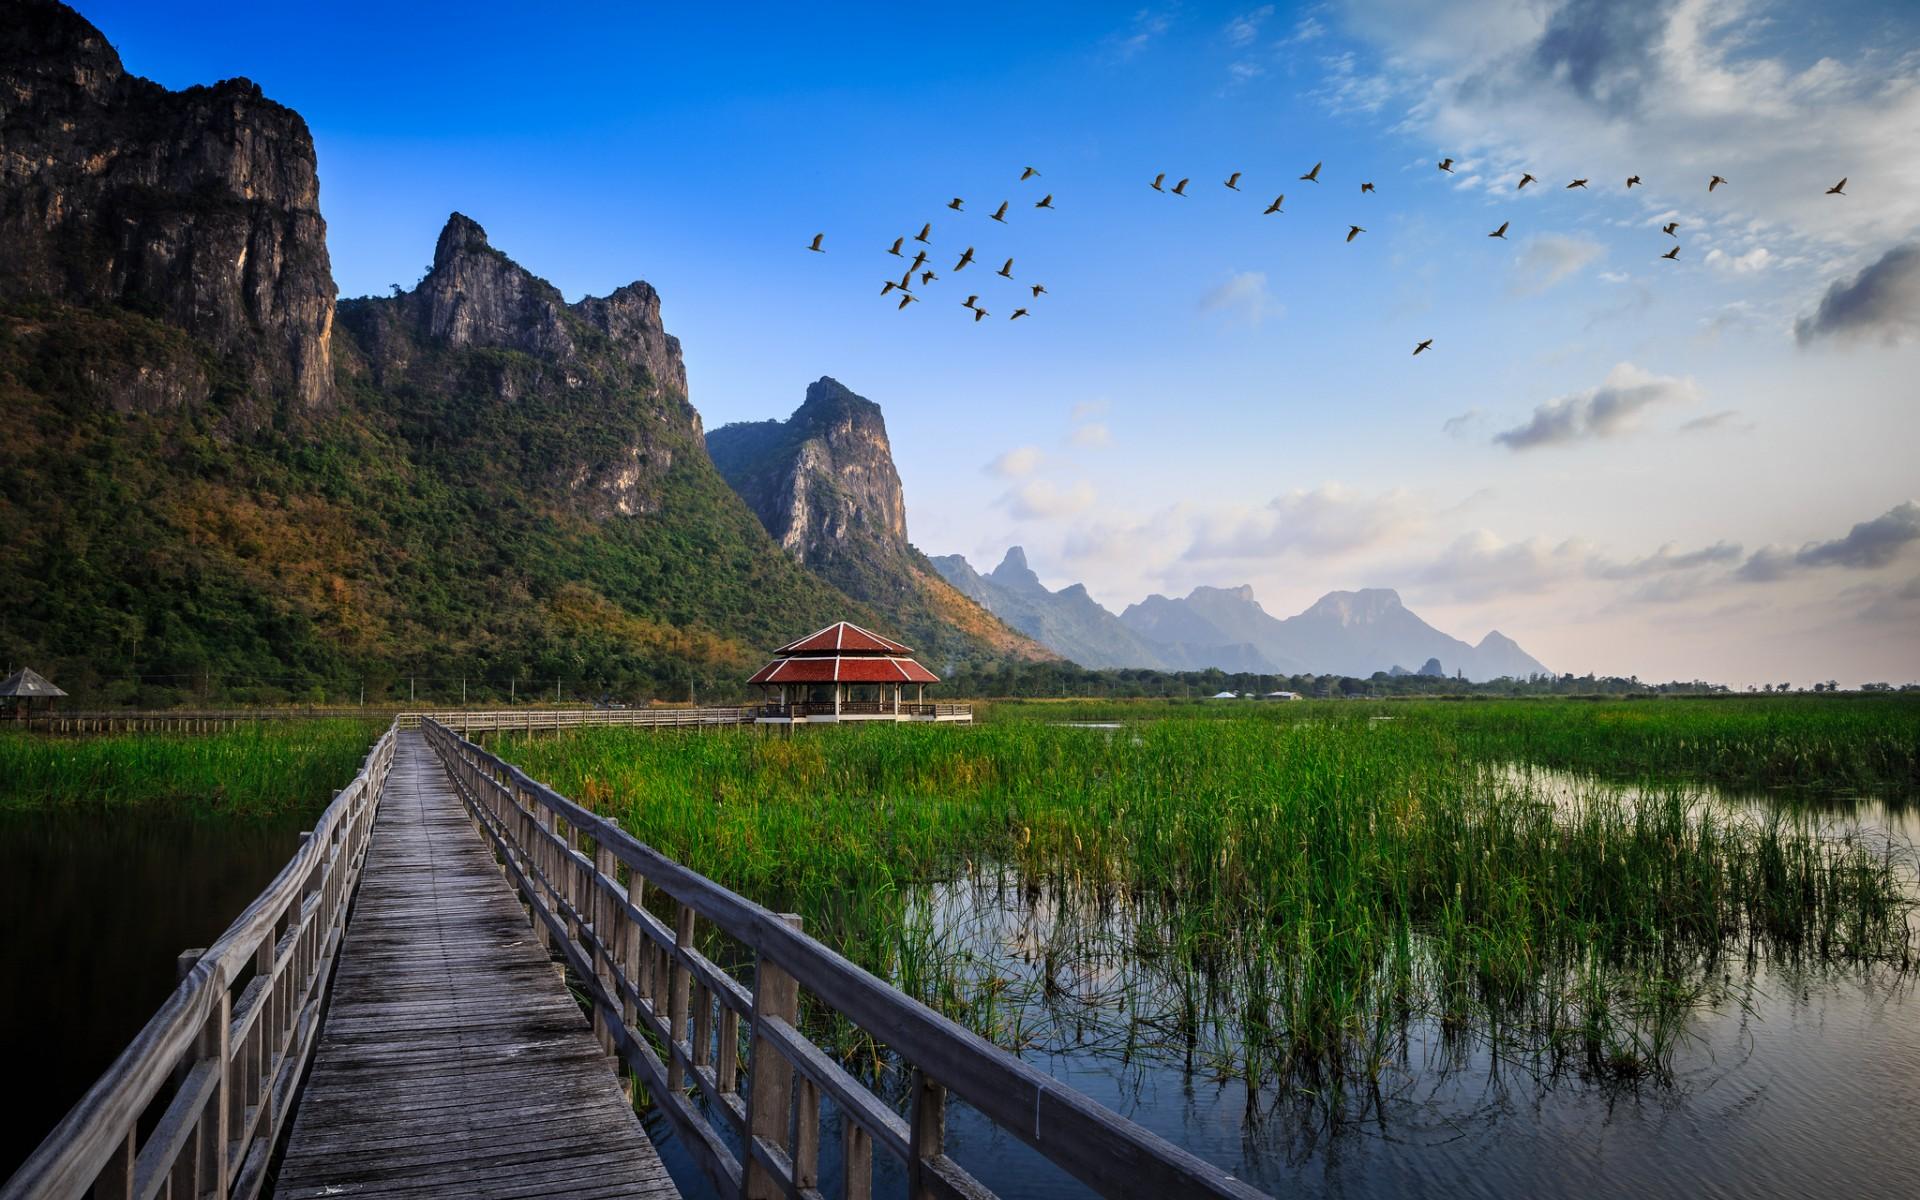 泰国因他农山国家公园,高清壁纸,风景电脑高清壁纸